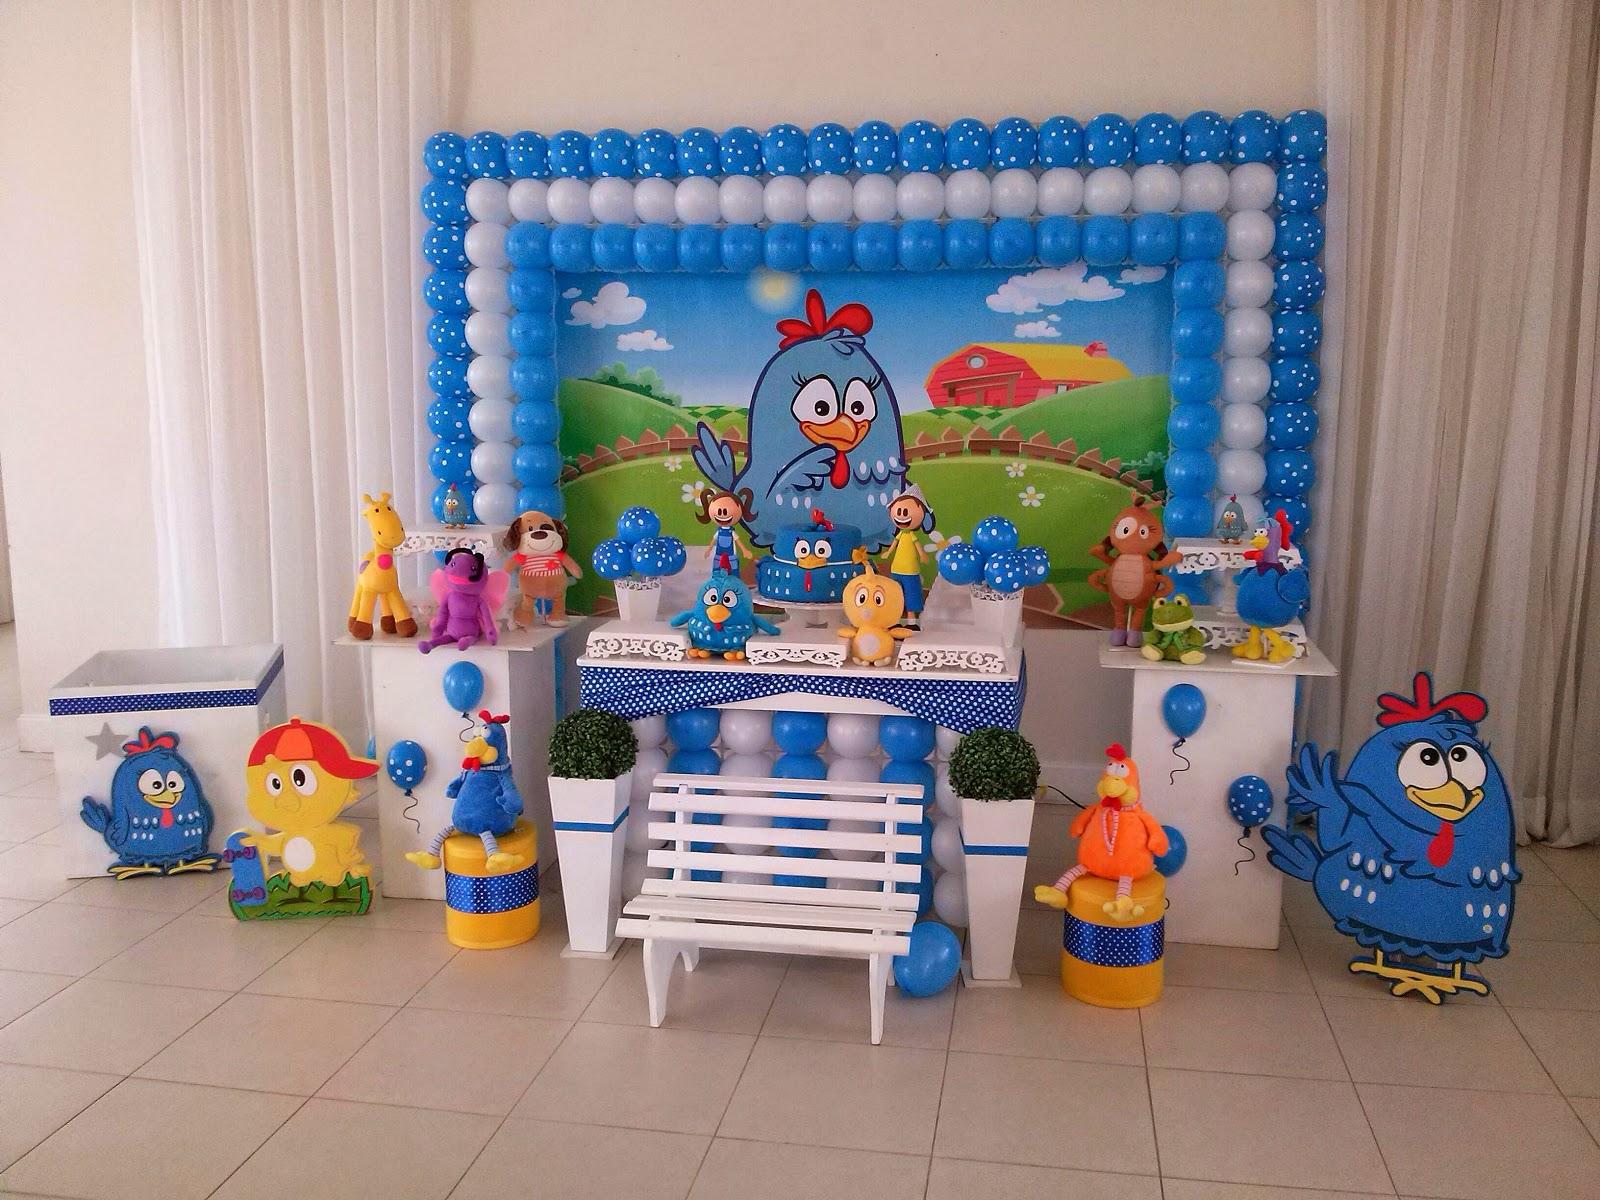 decoracao galinha pintadinha azul e amarelo:Decoração Galinha Pintadinha Provençal – CIFESTA DECORAÇÕES